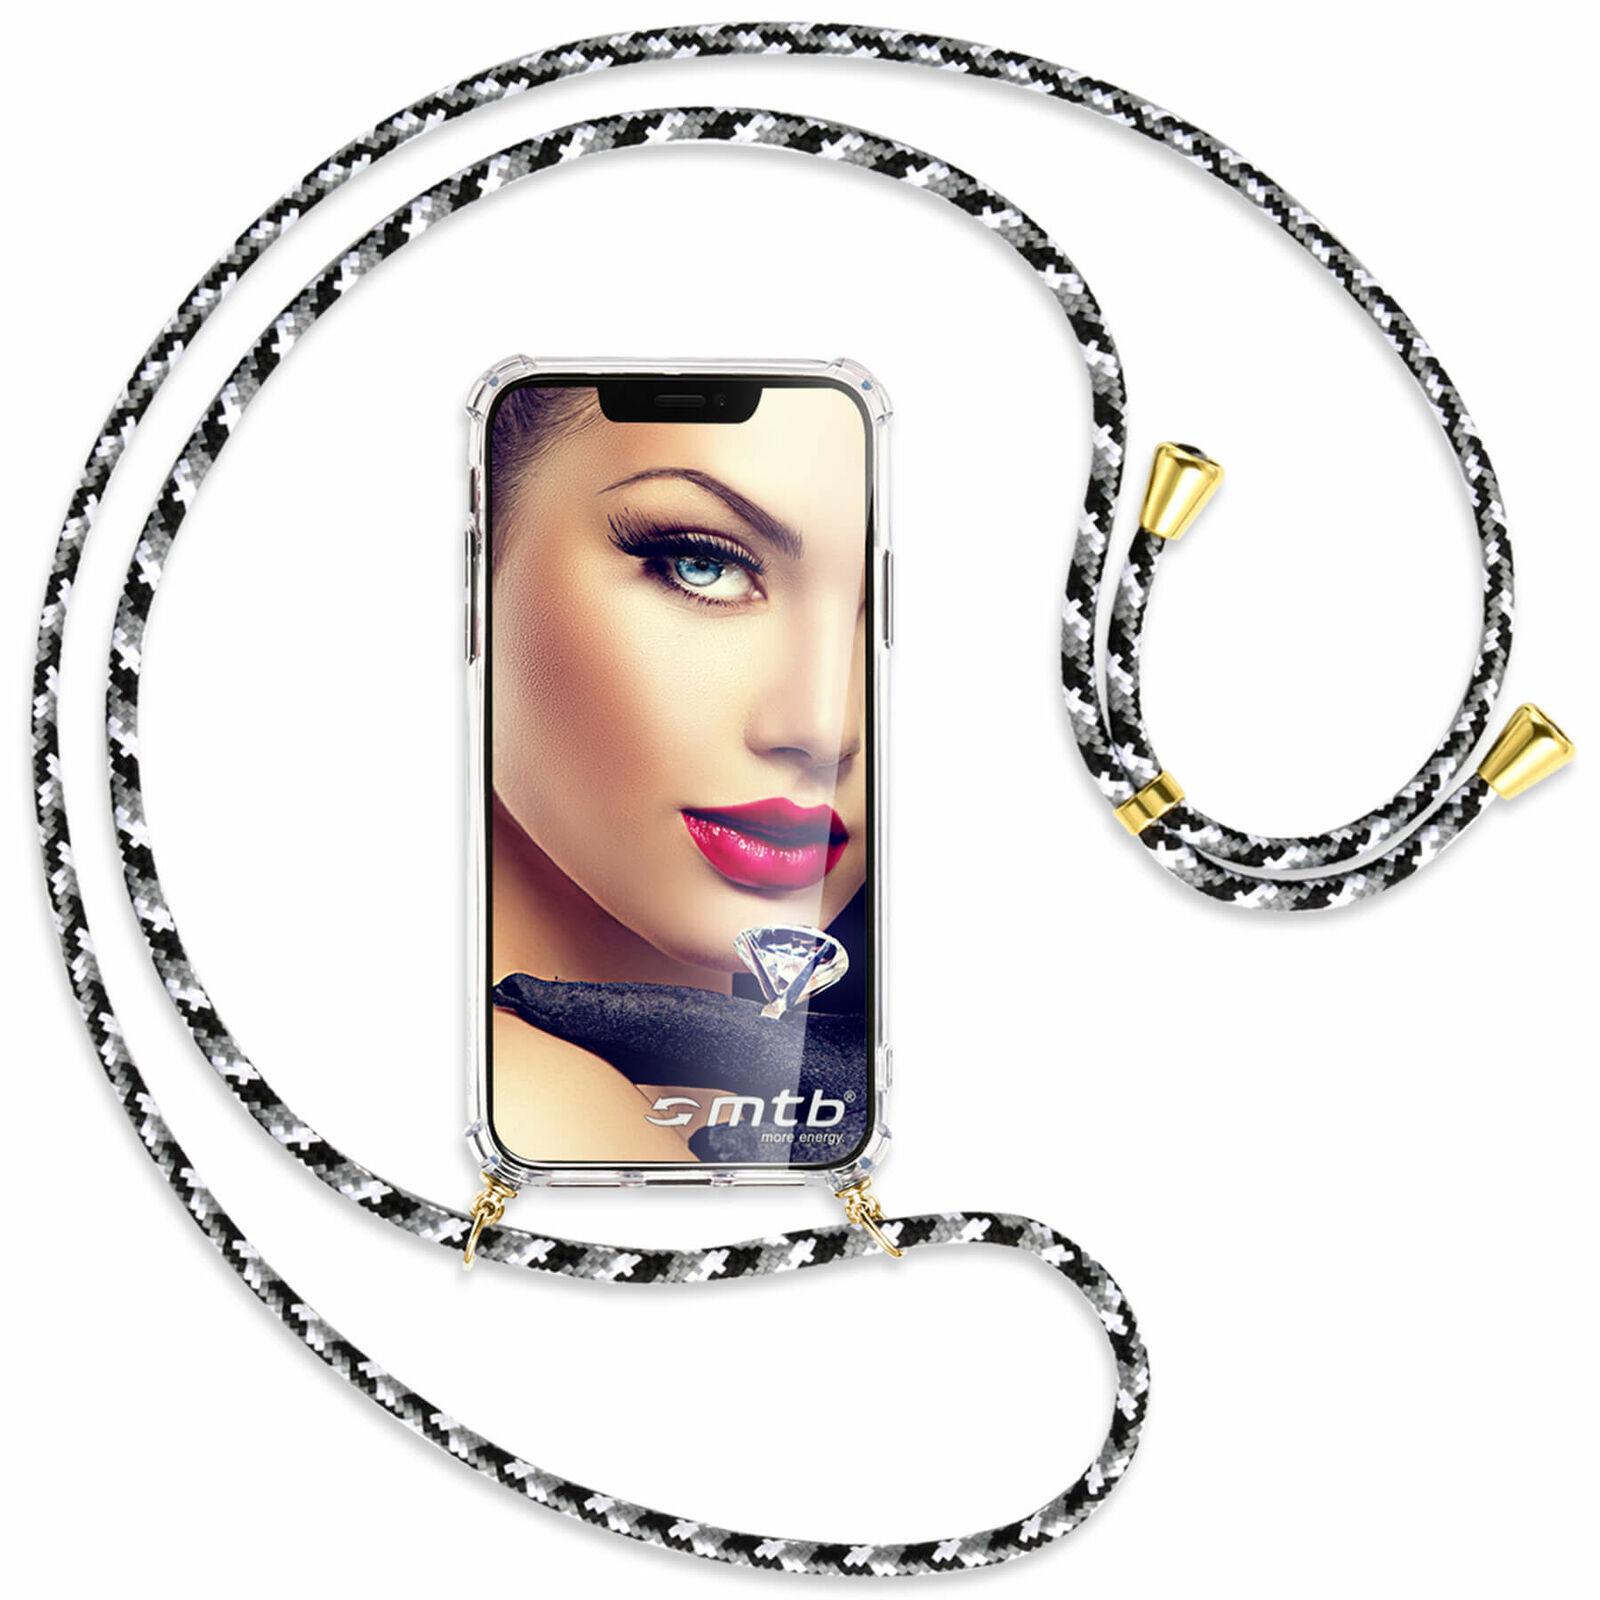 Collar para Huawei Mate 10 Lite / G10 negro/blanco/gris (O) Funda Cuerda...